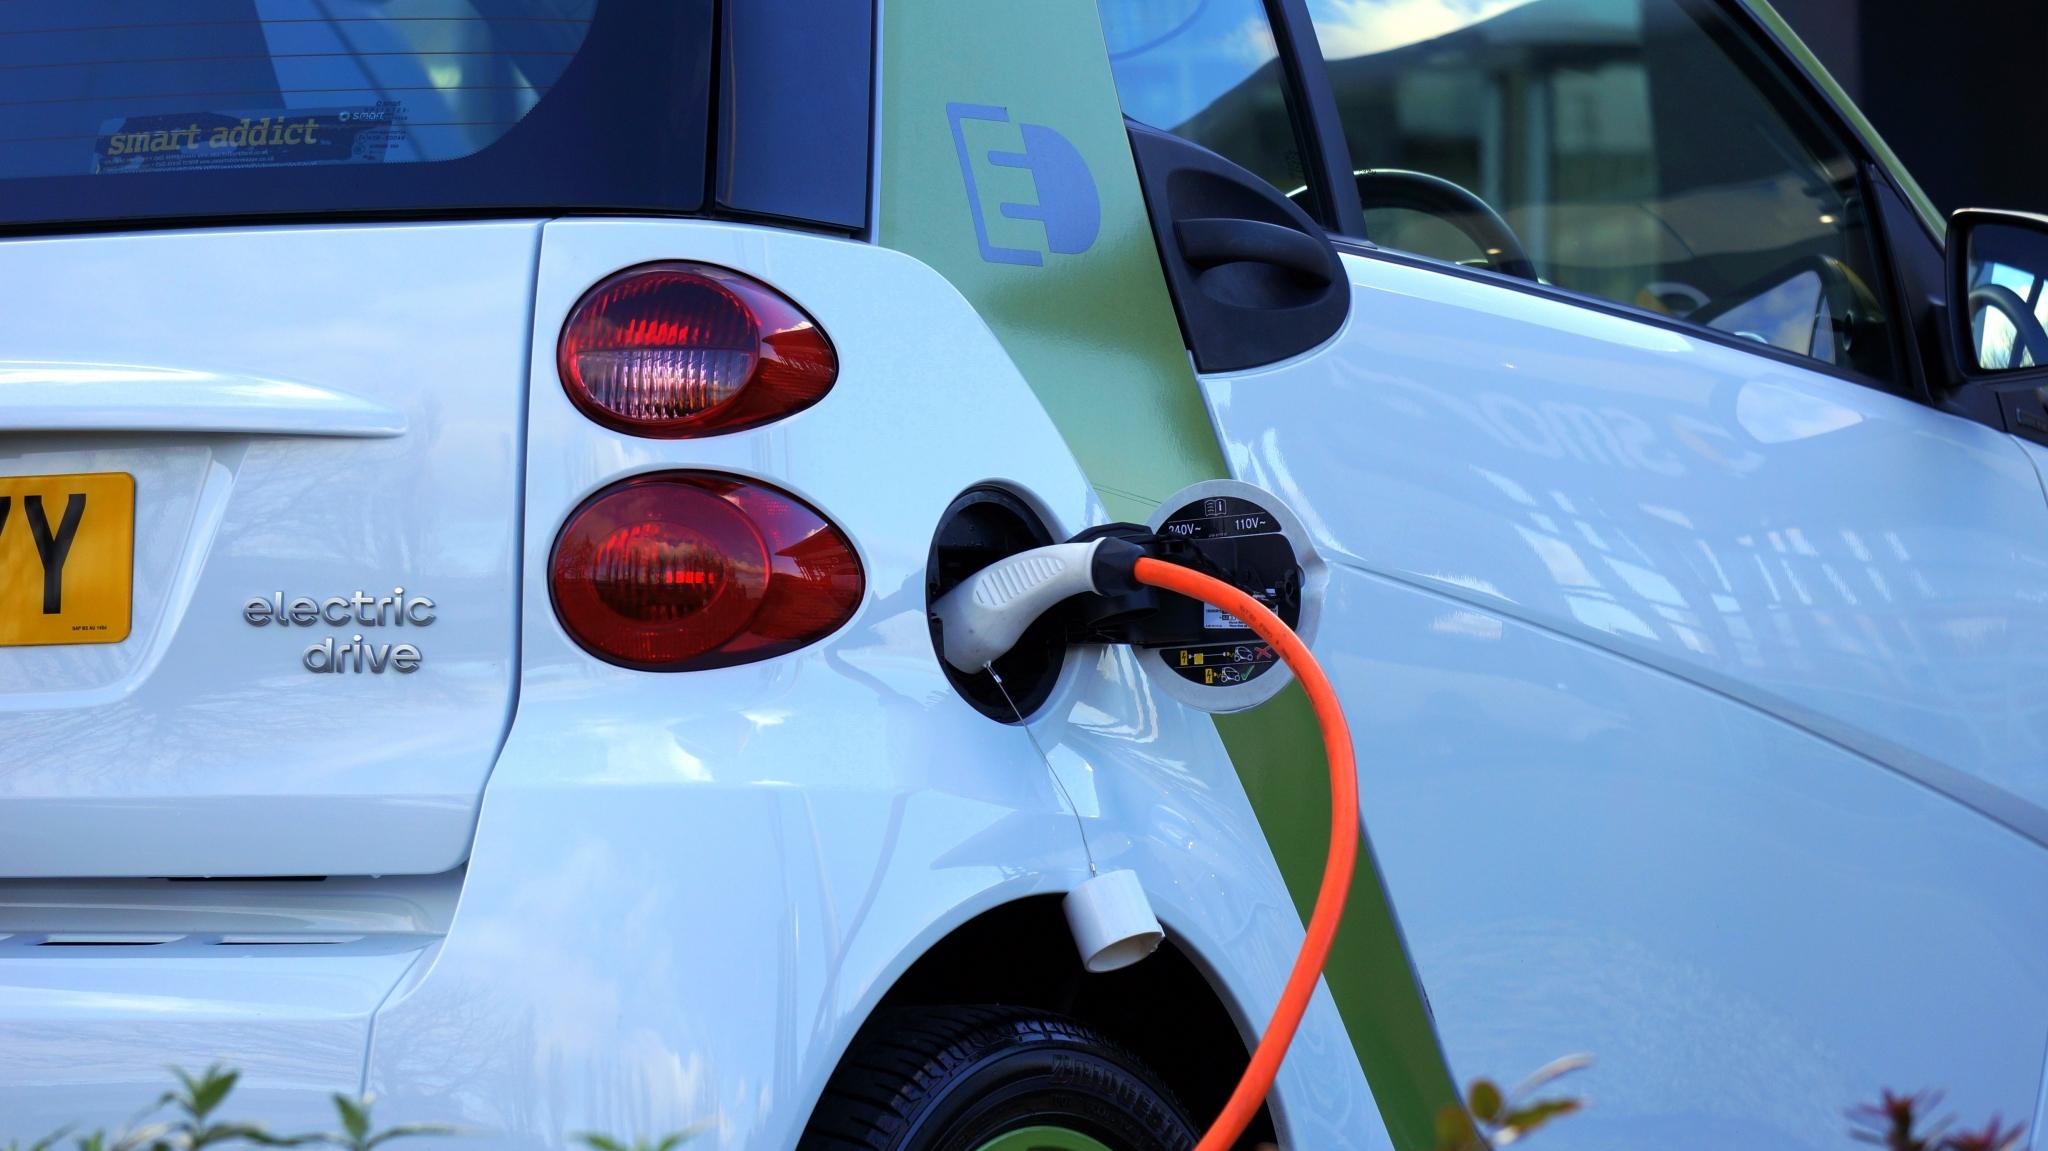 clean energy vehicle